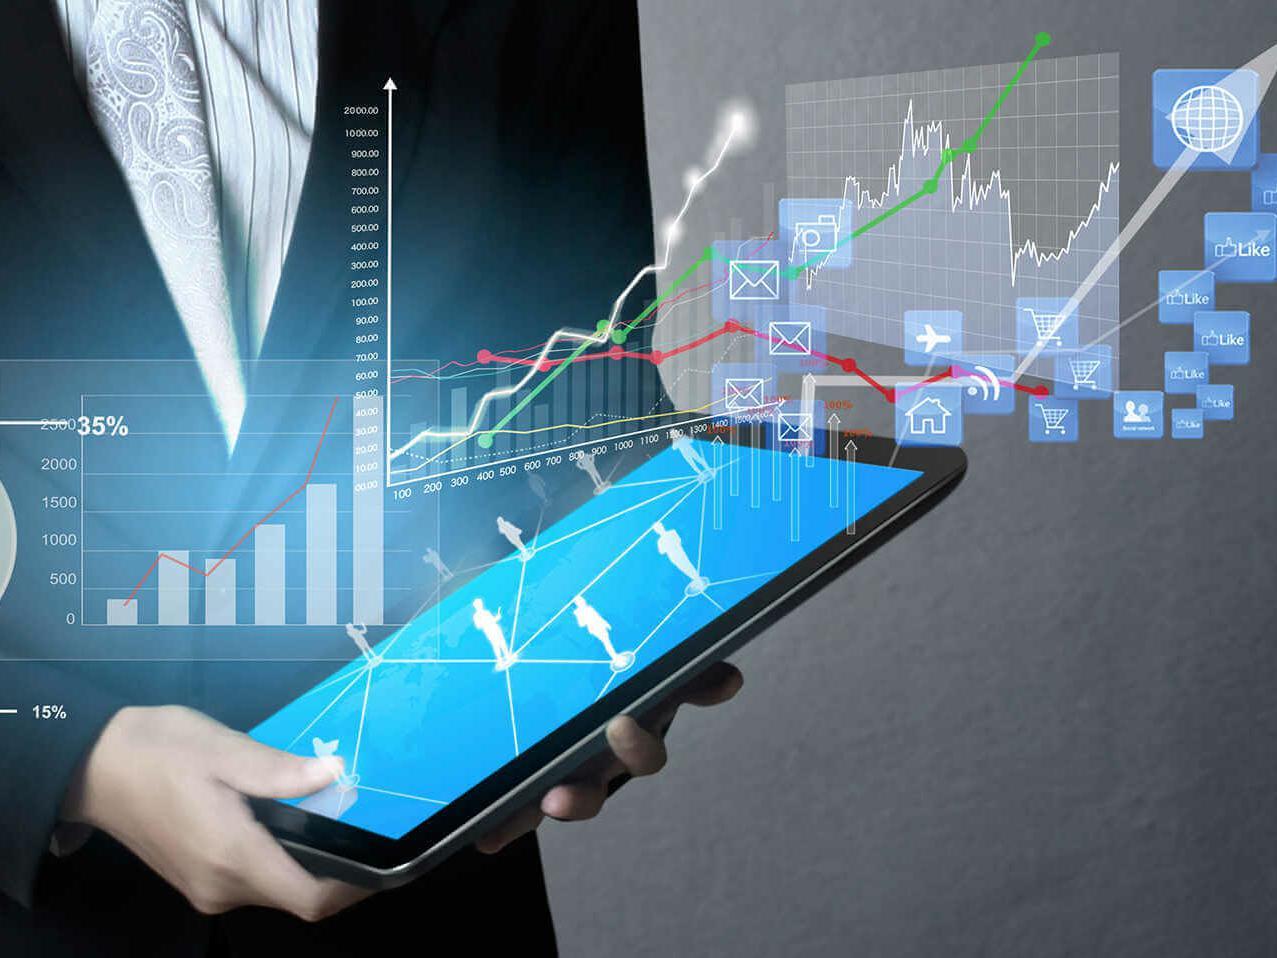 模拟芯片市场今年将增长21.4%,达677亿美元